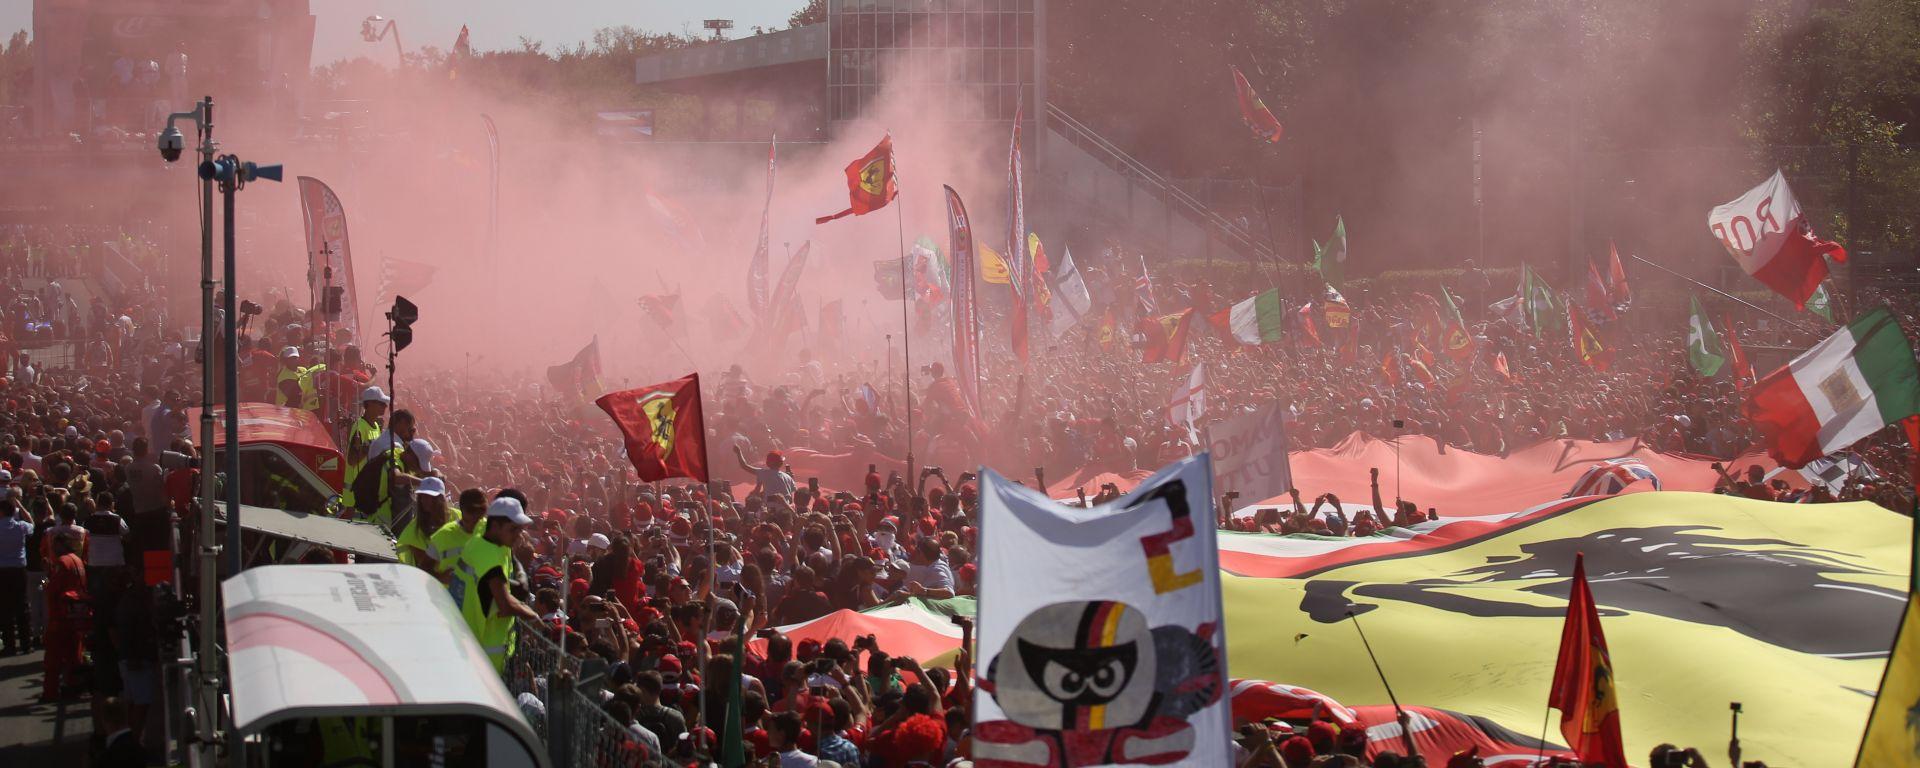 Calendario Monza.Ufficiale Monza Resta Nel Calendario F1 Fino Al 2024 Motorbox